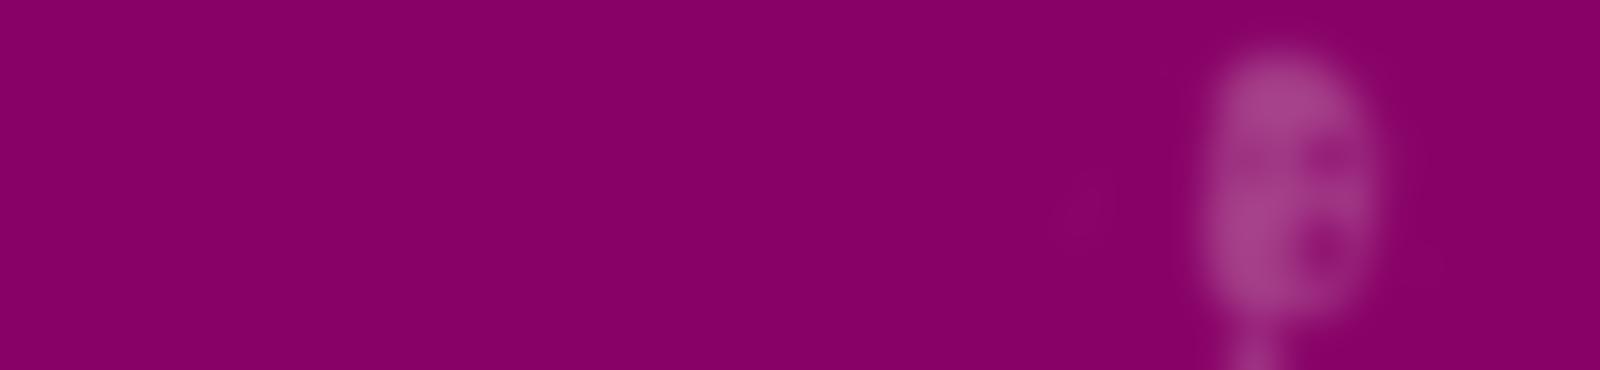 Blurred fd17a2f8 b831 4cc9 89ac 0881ea970f08